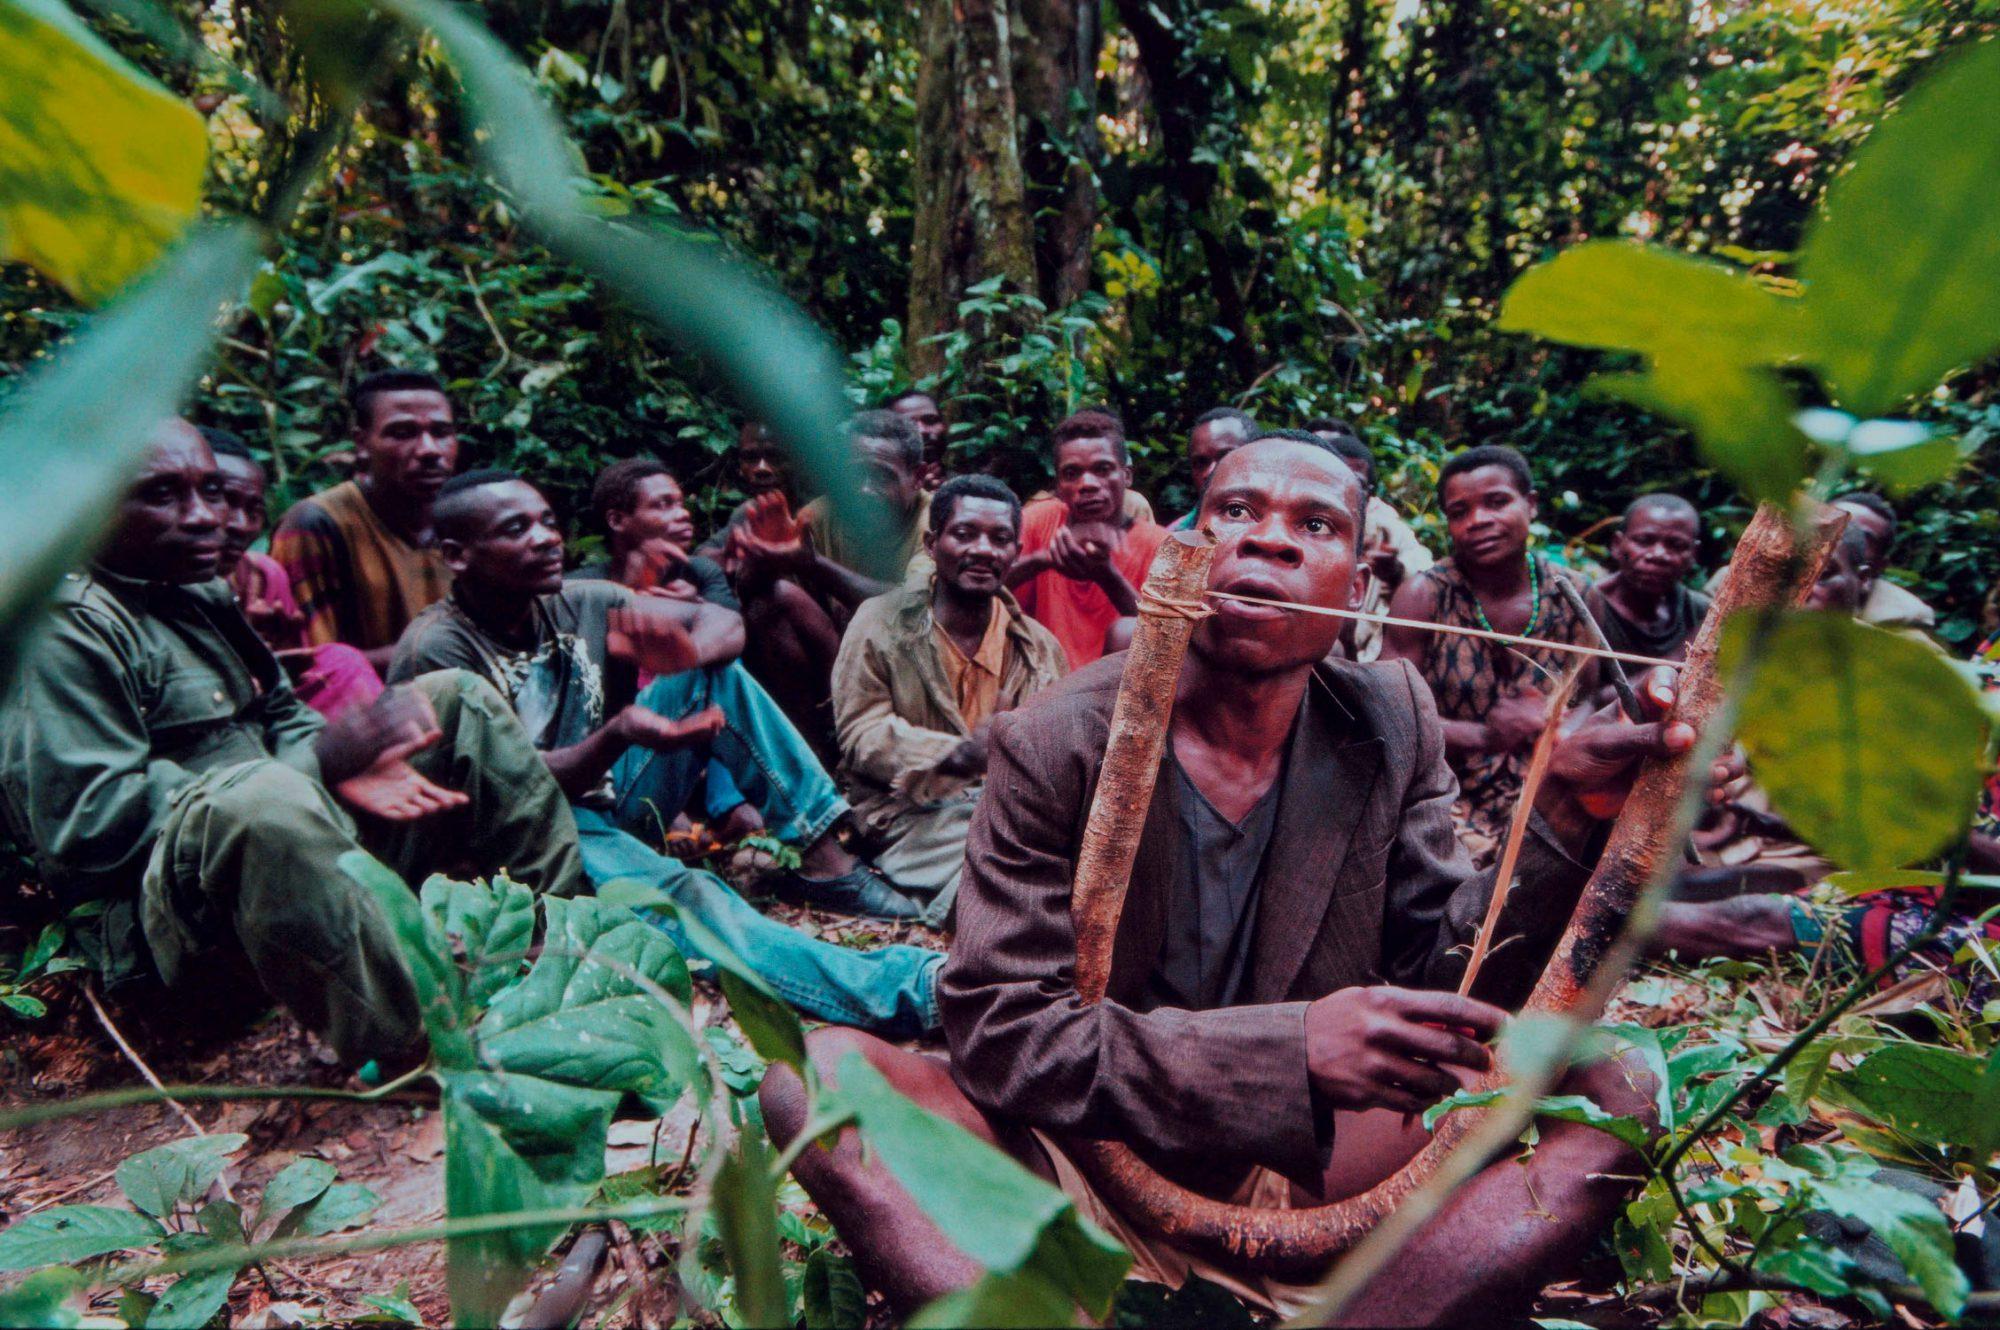 Pygmäen in der Zentralafrikanischen Republik im Jahr 2001